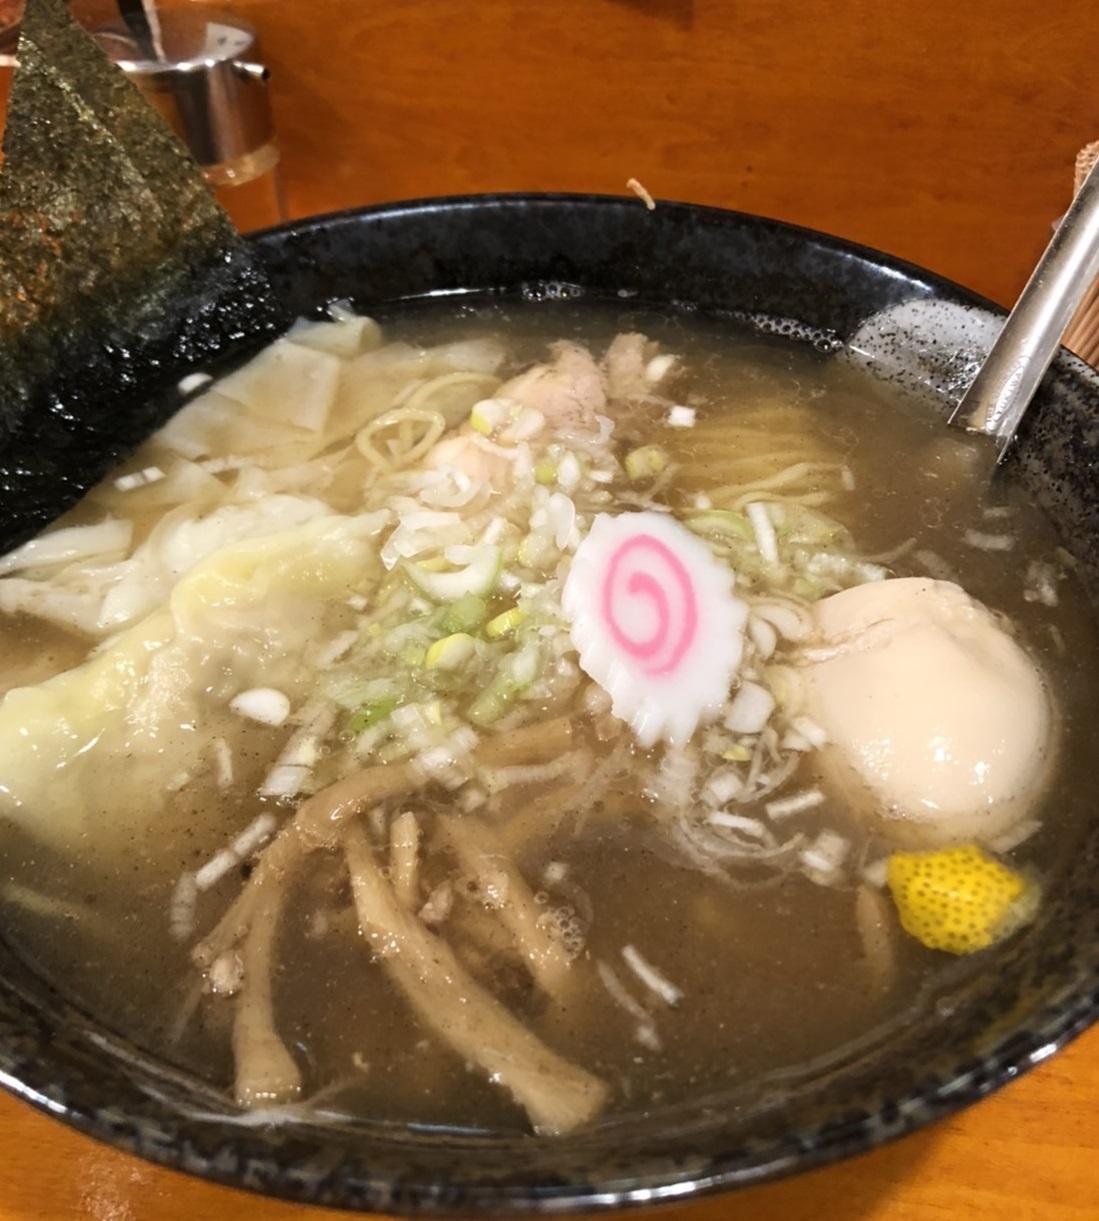 【宅麺.comで行列回避】人気ラーメンを自宅で食べる とみ田・作田家・武蔵家等、盛り